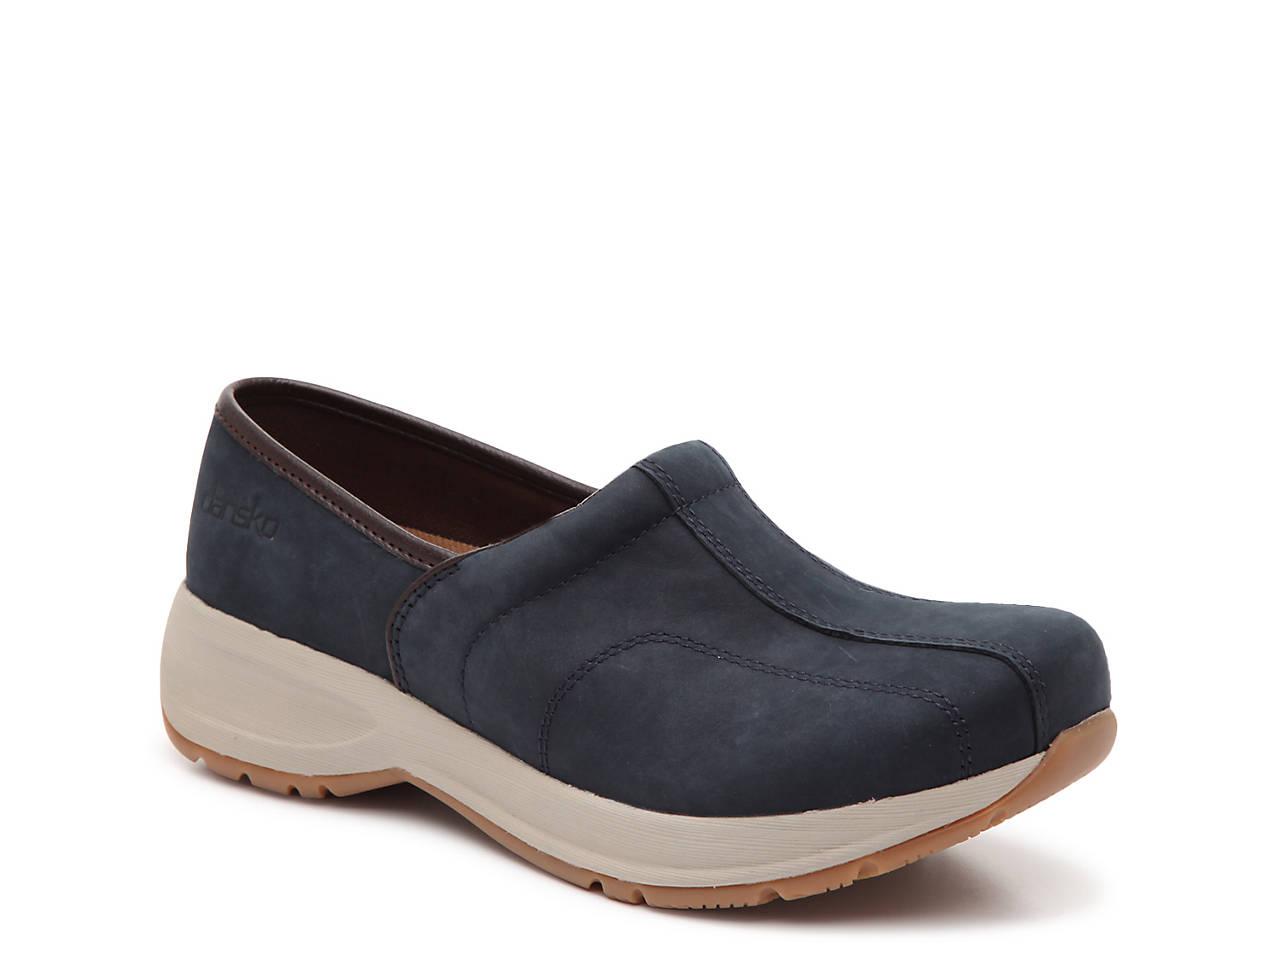 f59101c59de Dansko Shaina Work Clog Women s Shoes